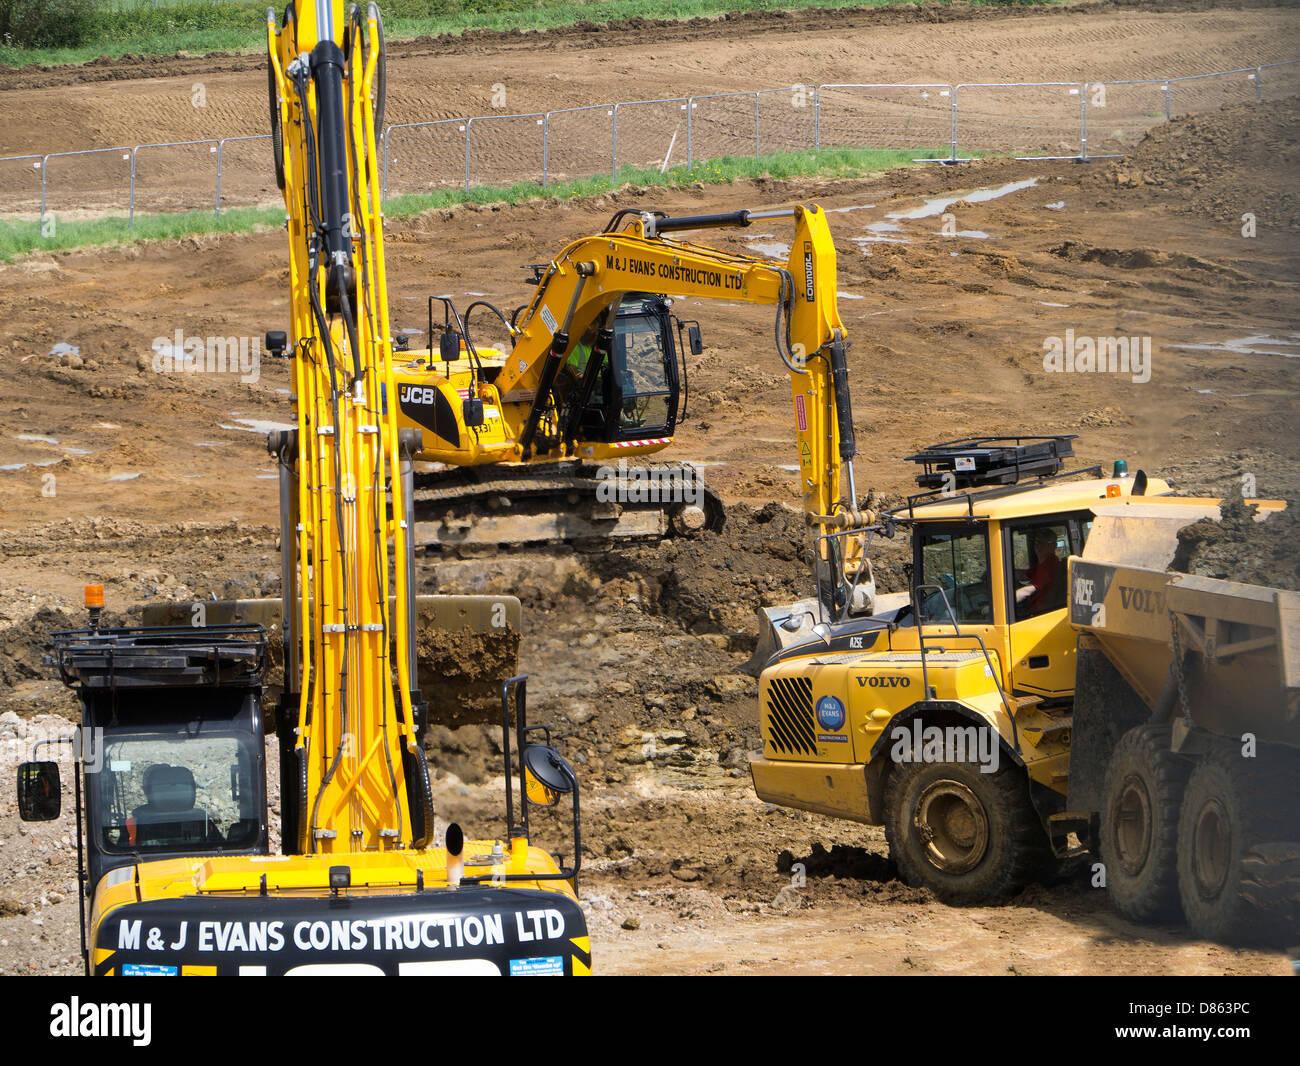 Pesanti macchine movimento terra per la preparazione di terreni rurali per l'alloggiamento di sviluppo, Grantham, Immagini Stock